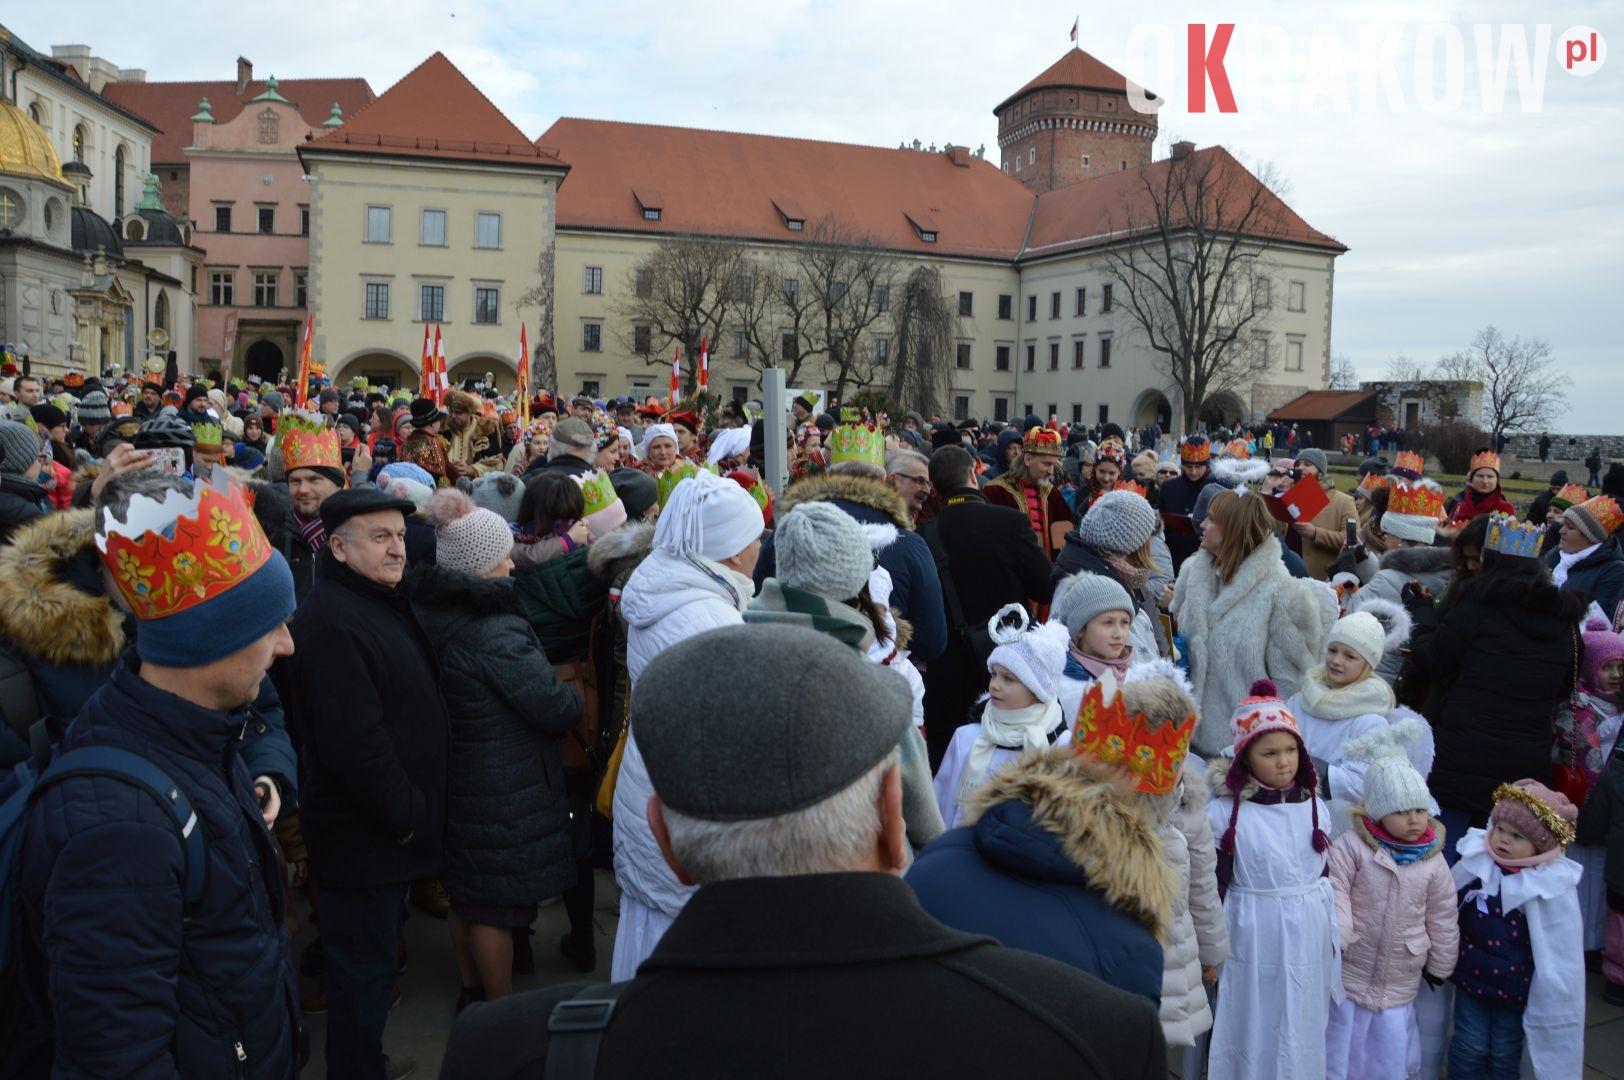 orszak 2 2 150x150 - Orszak Trzech Króli Kraków 2020 Galeria Zdjęć z Orszaku (czerwonego)